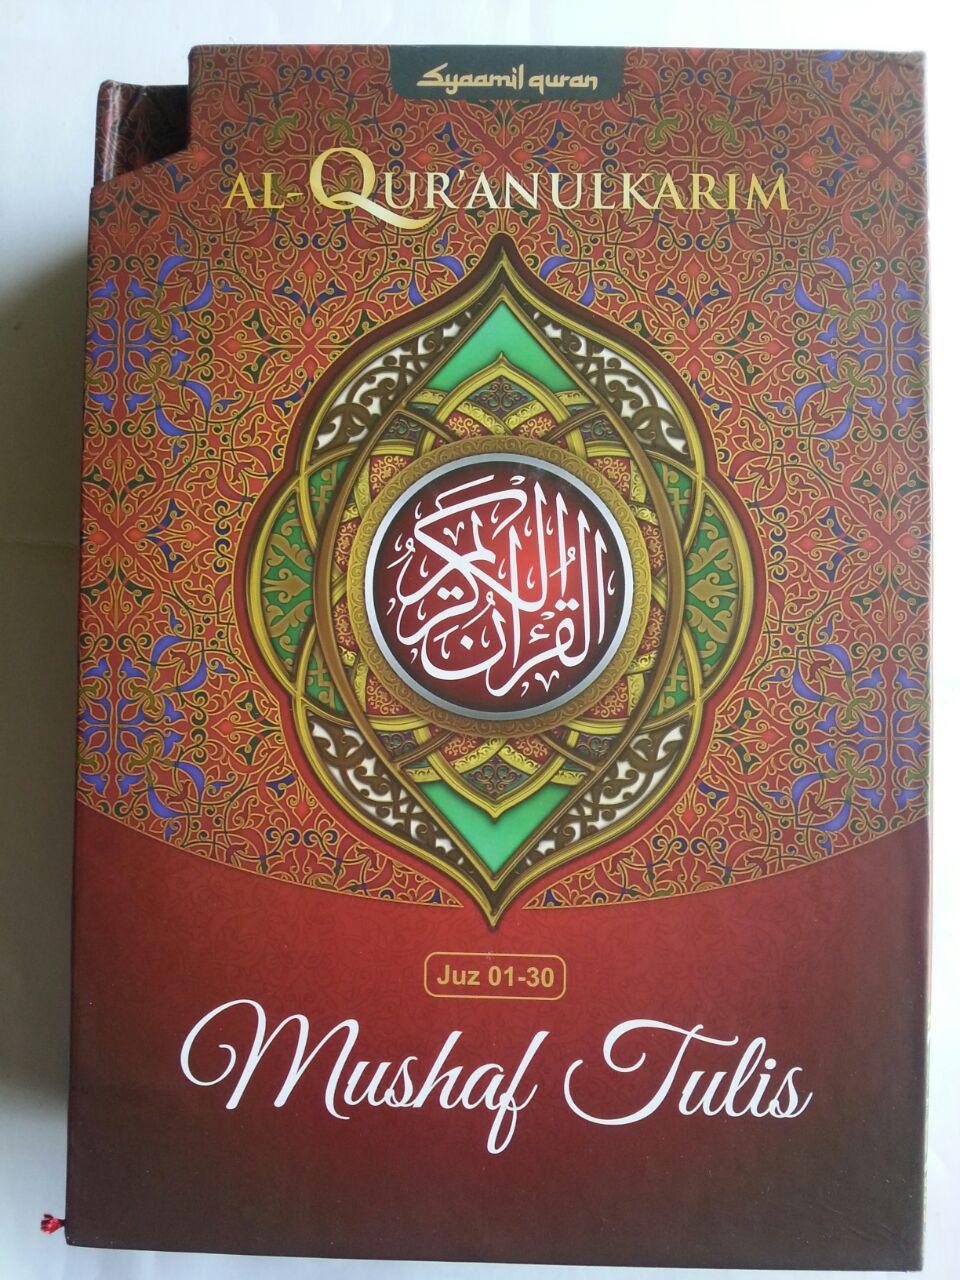 Al-Qur'anul Karim Mushaf Tulis 30 Juz 3 Jilid Ukuran B5 cover 2